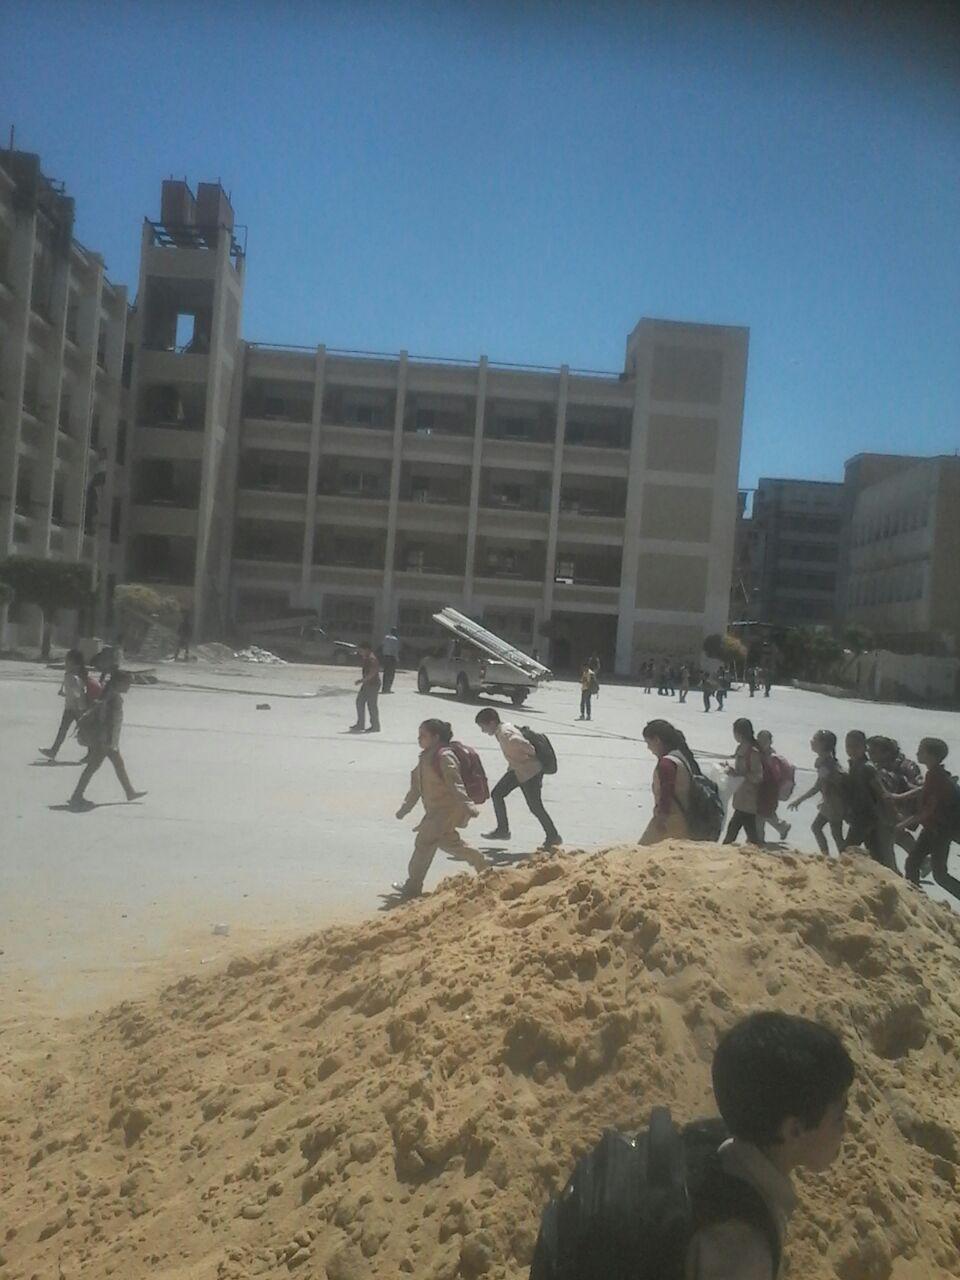 أولياء أمور يحذرون من الدراسة في 5 مدارس تخضع للصيانة بفارسكور